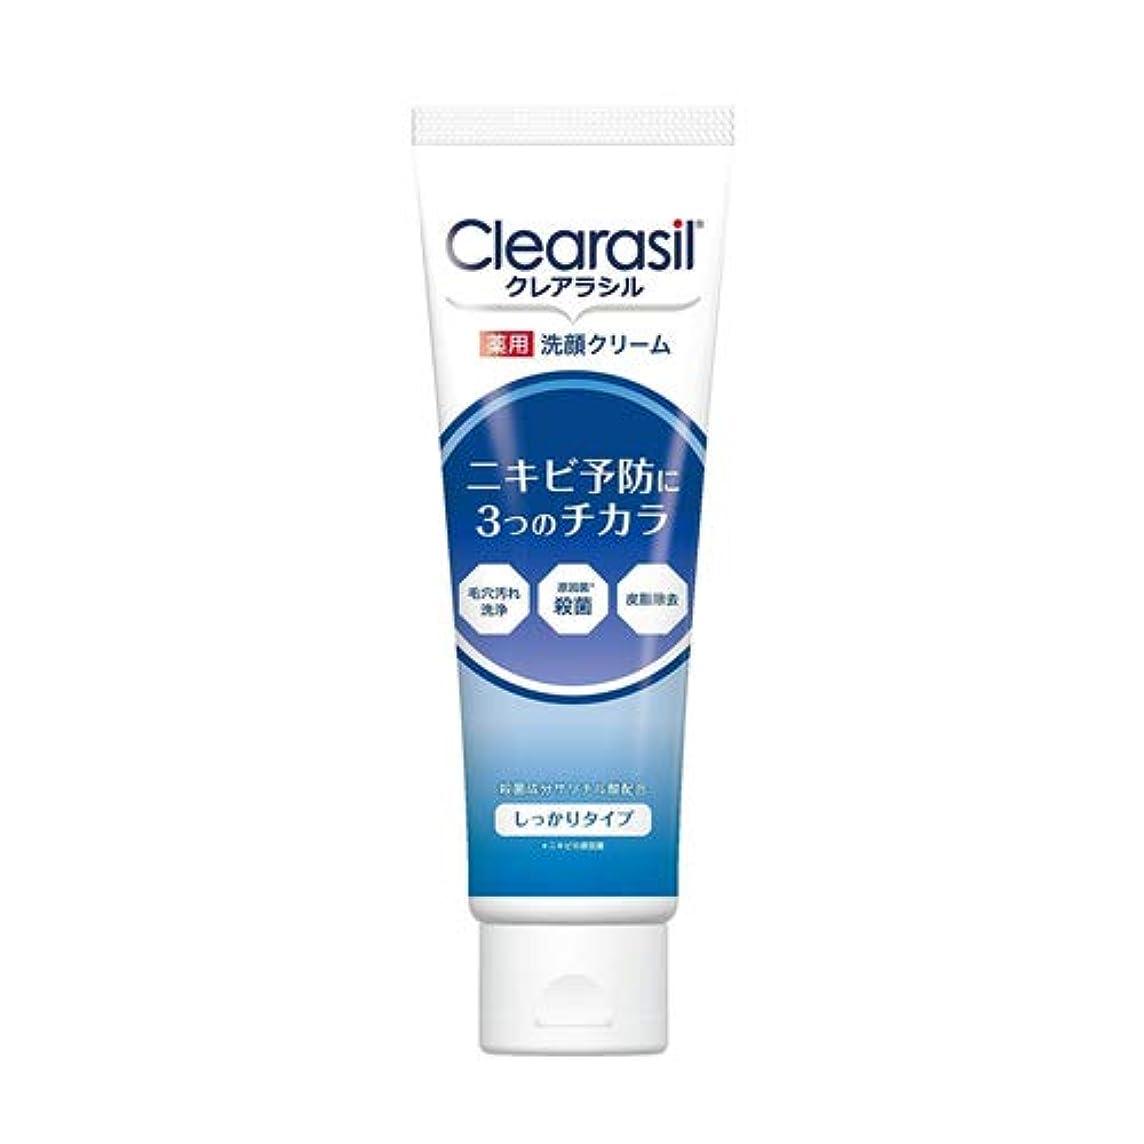 教えバンカーエンターテインメントクレアラシル 薬用 洗顔クリーム しっかりタイプ 120g 【医薬部外品】